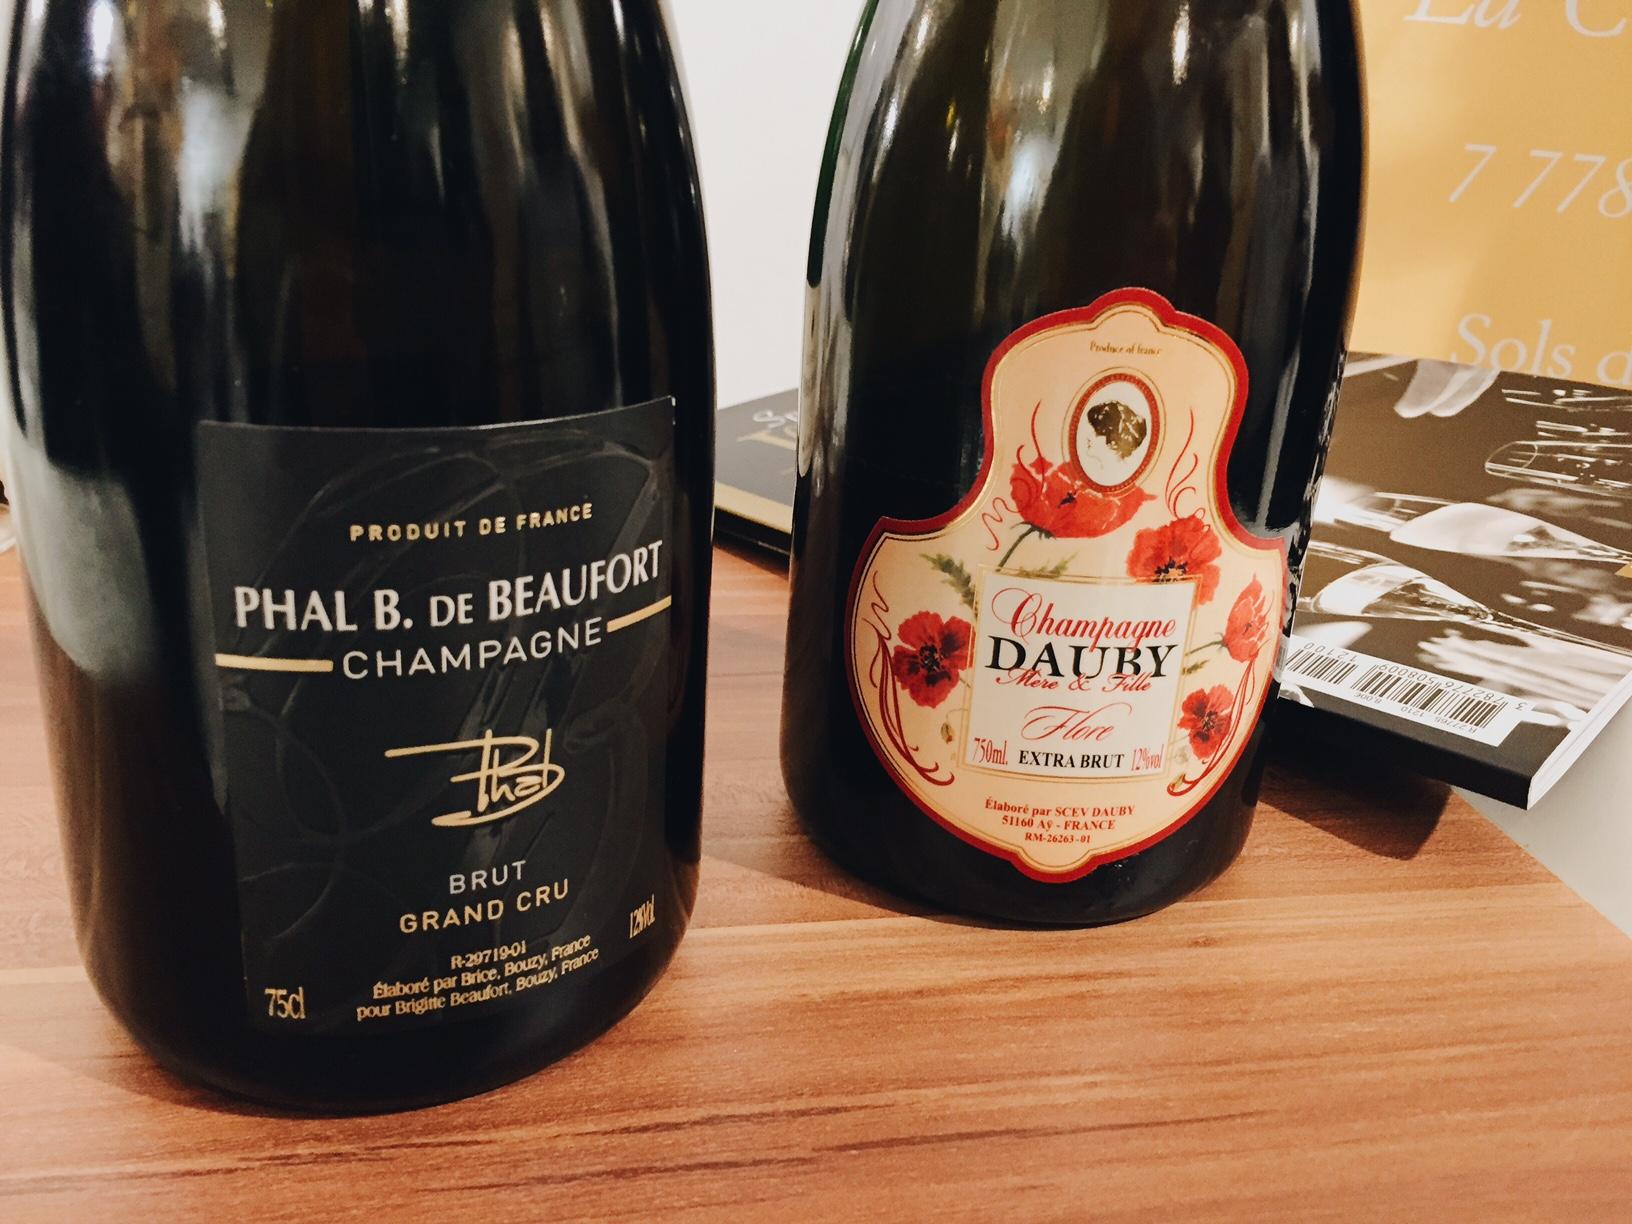 Champagne-Phal-B-De-Beaufort-cuvée-Expression-et-Dauby-mère-et-fille-cuvée-Flore-Champagnes-de-Vignerons-photo-usofparis-blog